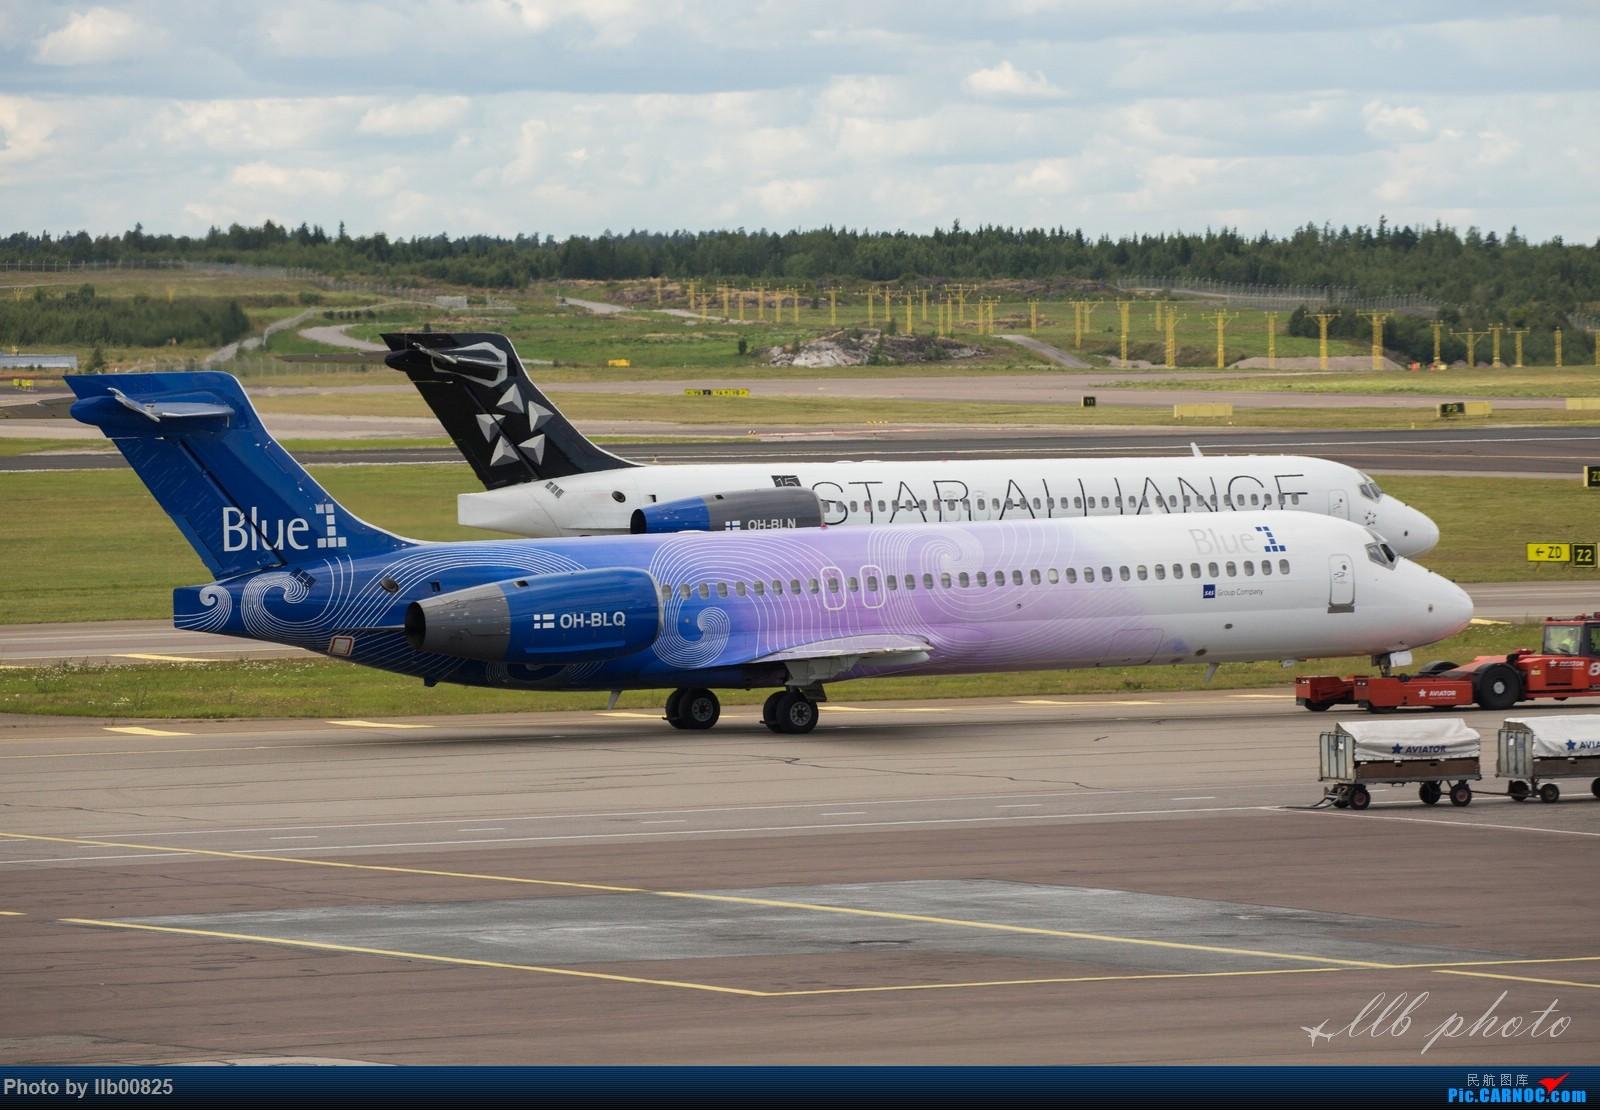 [原创]赫尔辛基-布鲁塞尔一些杂图 BOEING 717 OH-BLQ 芬兰赫尔辛基机场